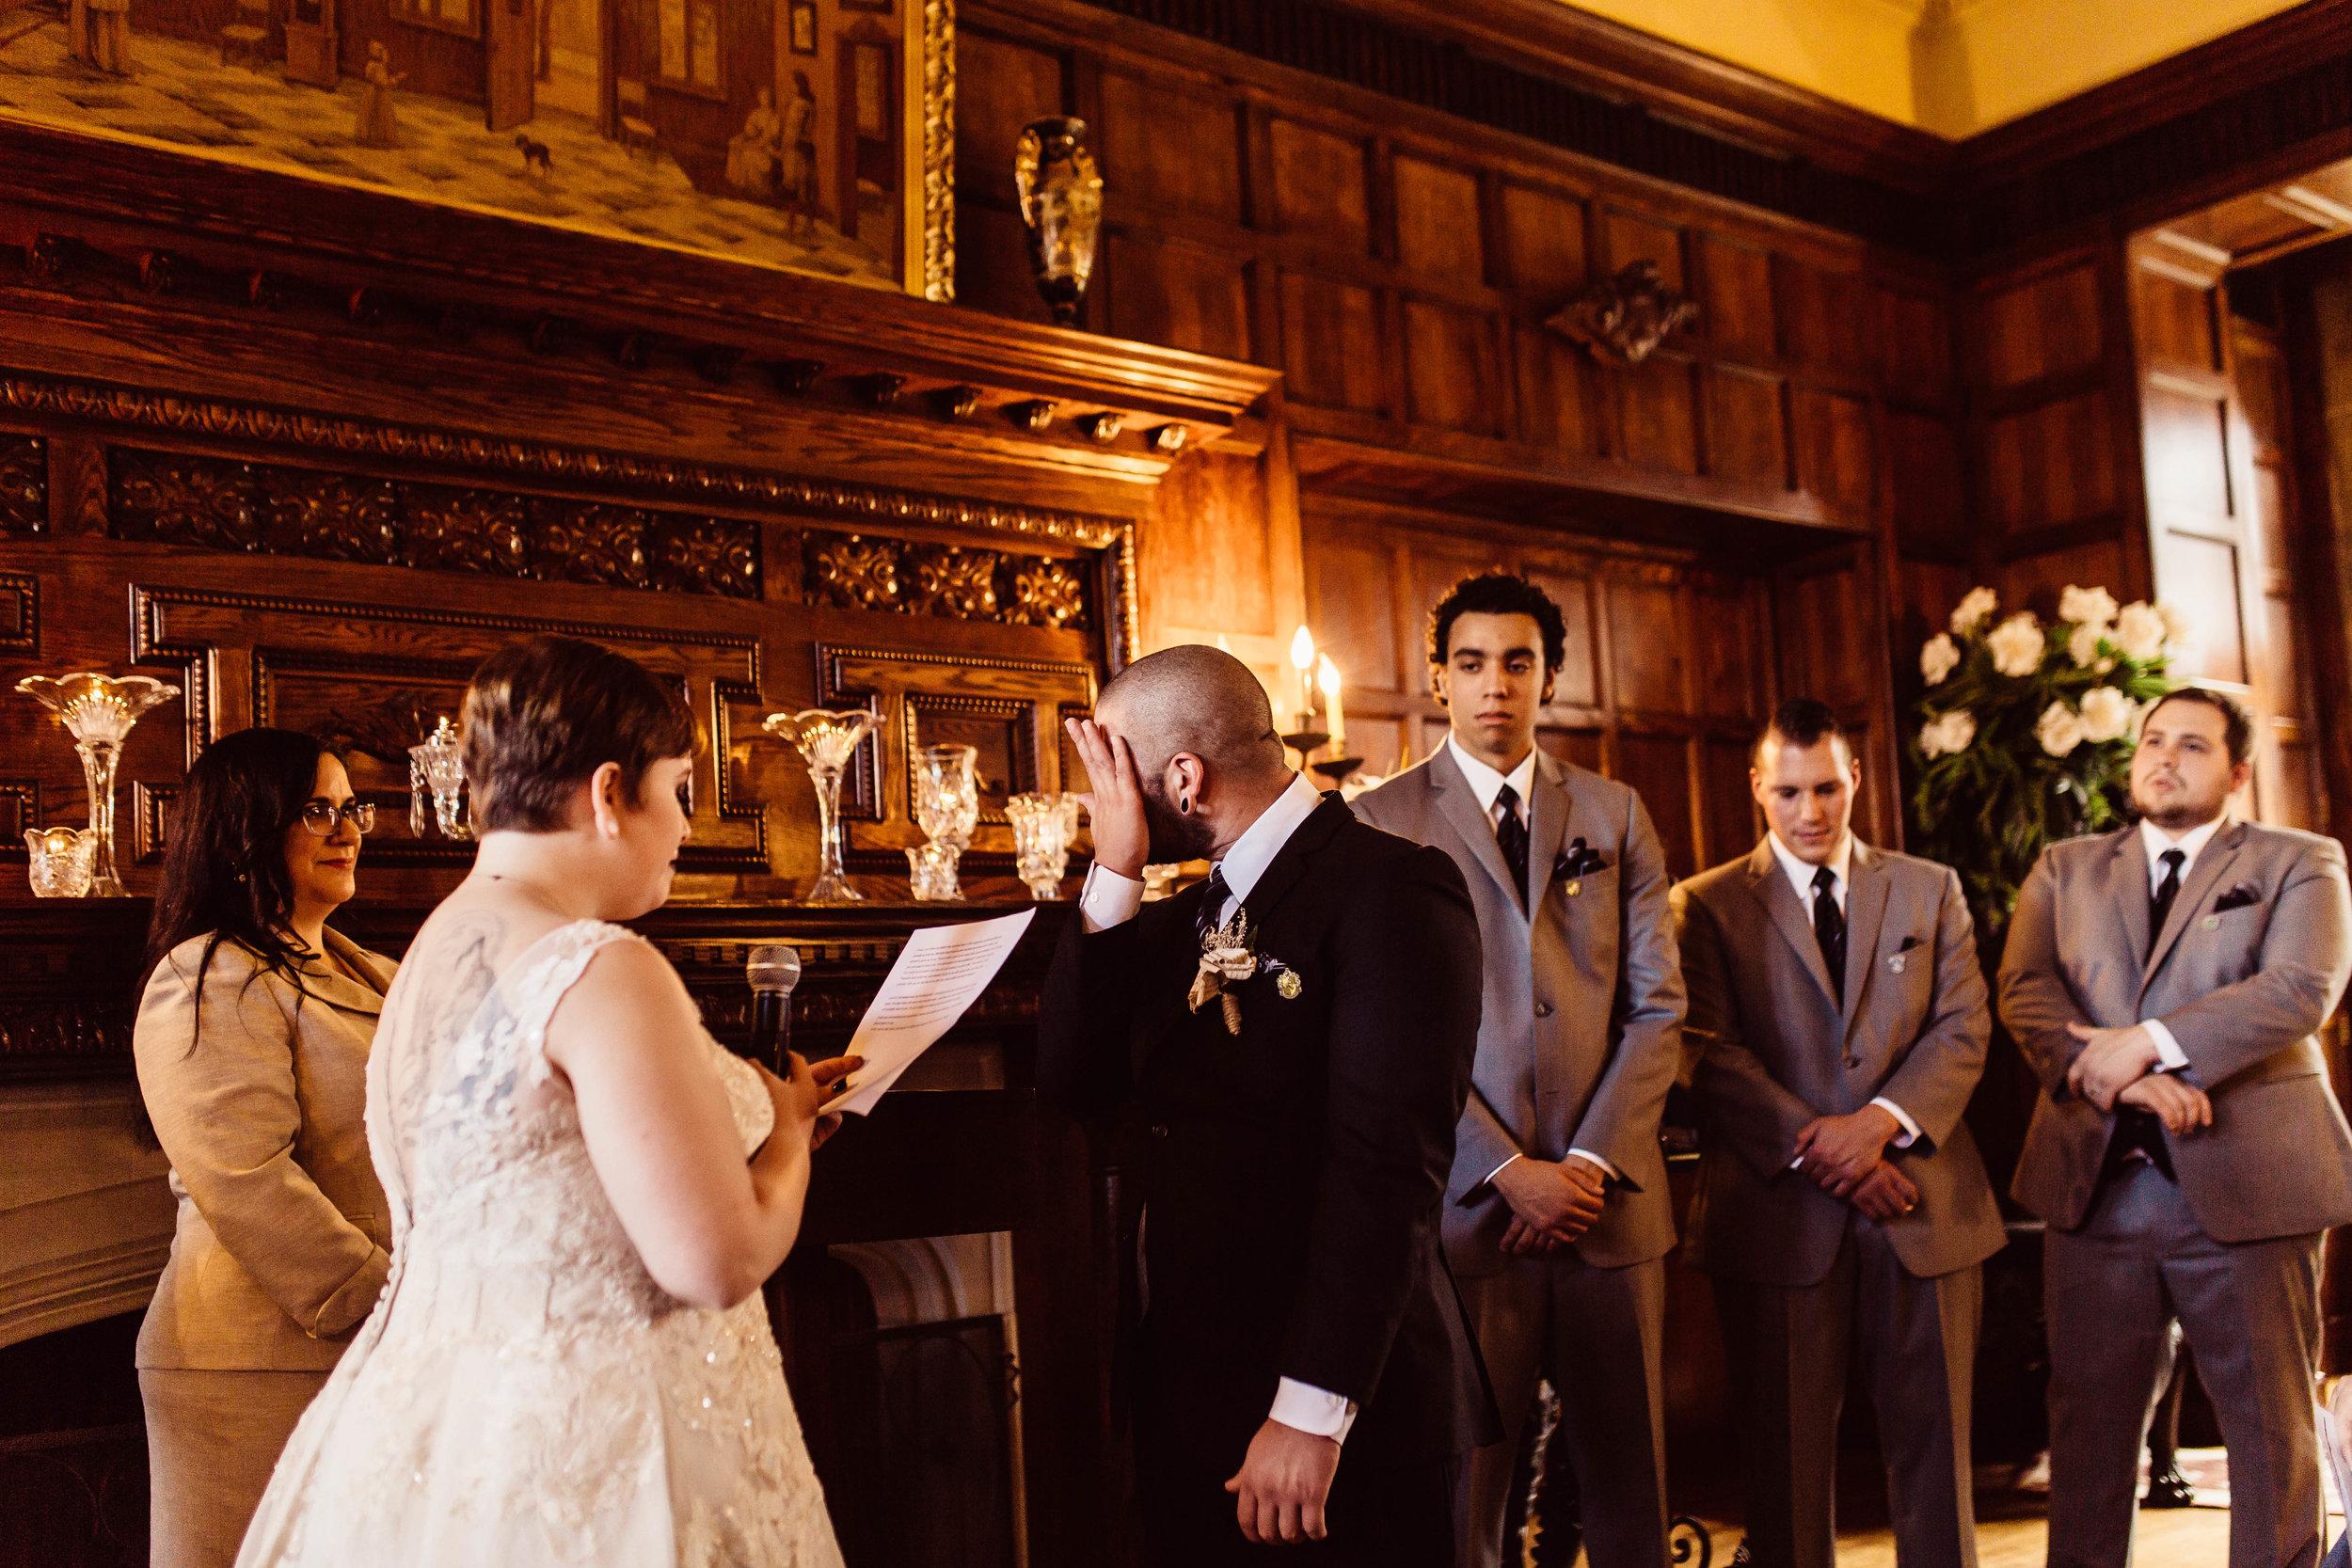 washington_wedding_Thornewood_Castle_photography-9566.jpg